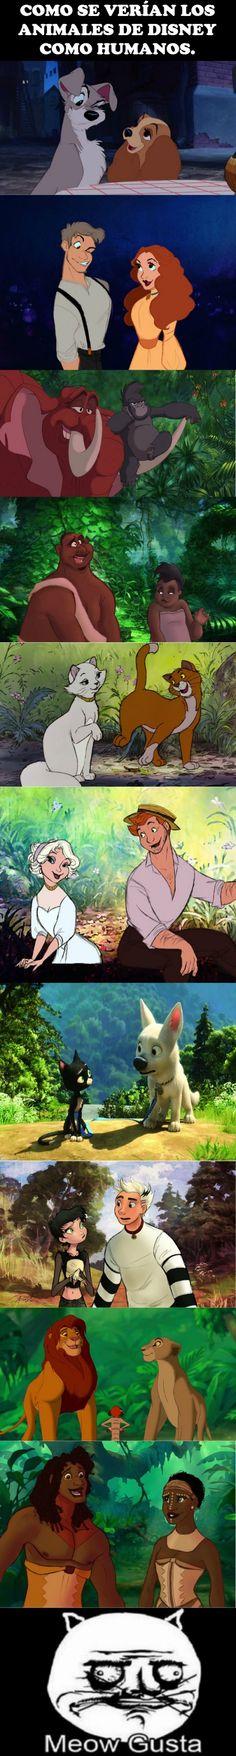 Los animales de Disney en su forma humana, ¿cuál es tu favorito?        Gracias a http://www.cuantocabron.com/   Si quieres leer la noticia completa visita: http://www.estoy-aburrido.com/los-animales-de-disney-en-su-forma-humana-cual-es-tu-favorito/